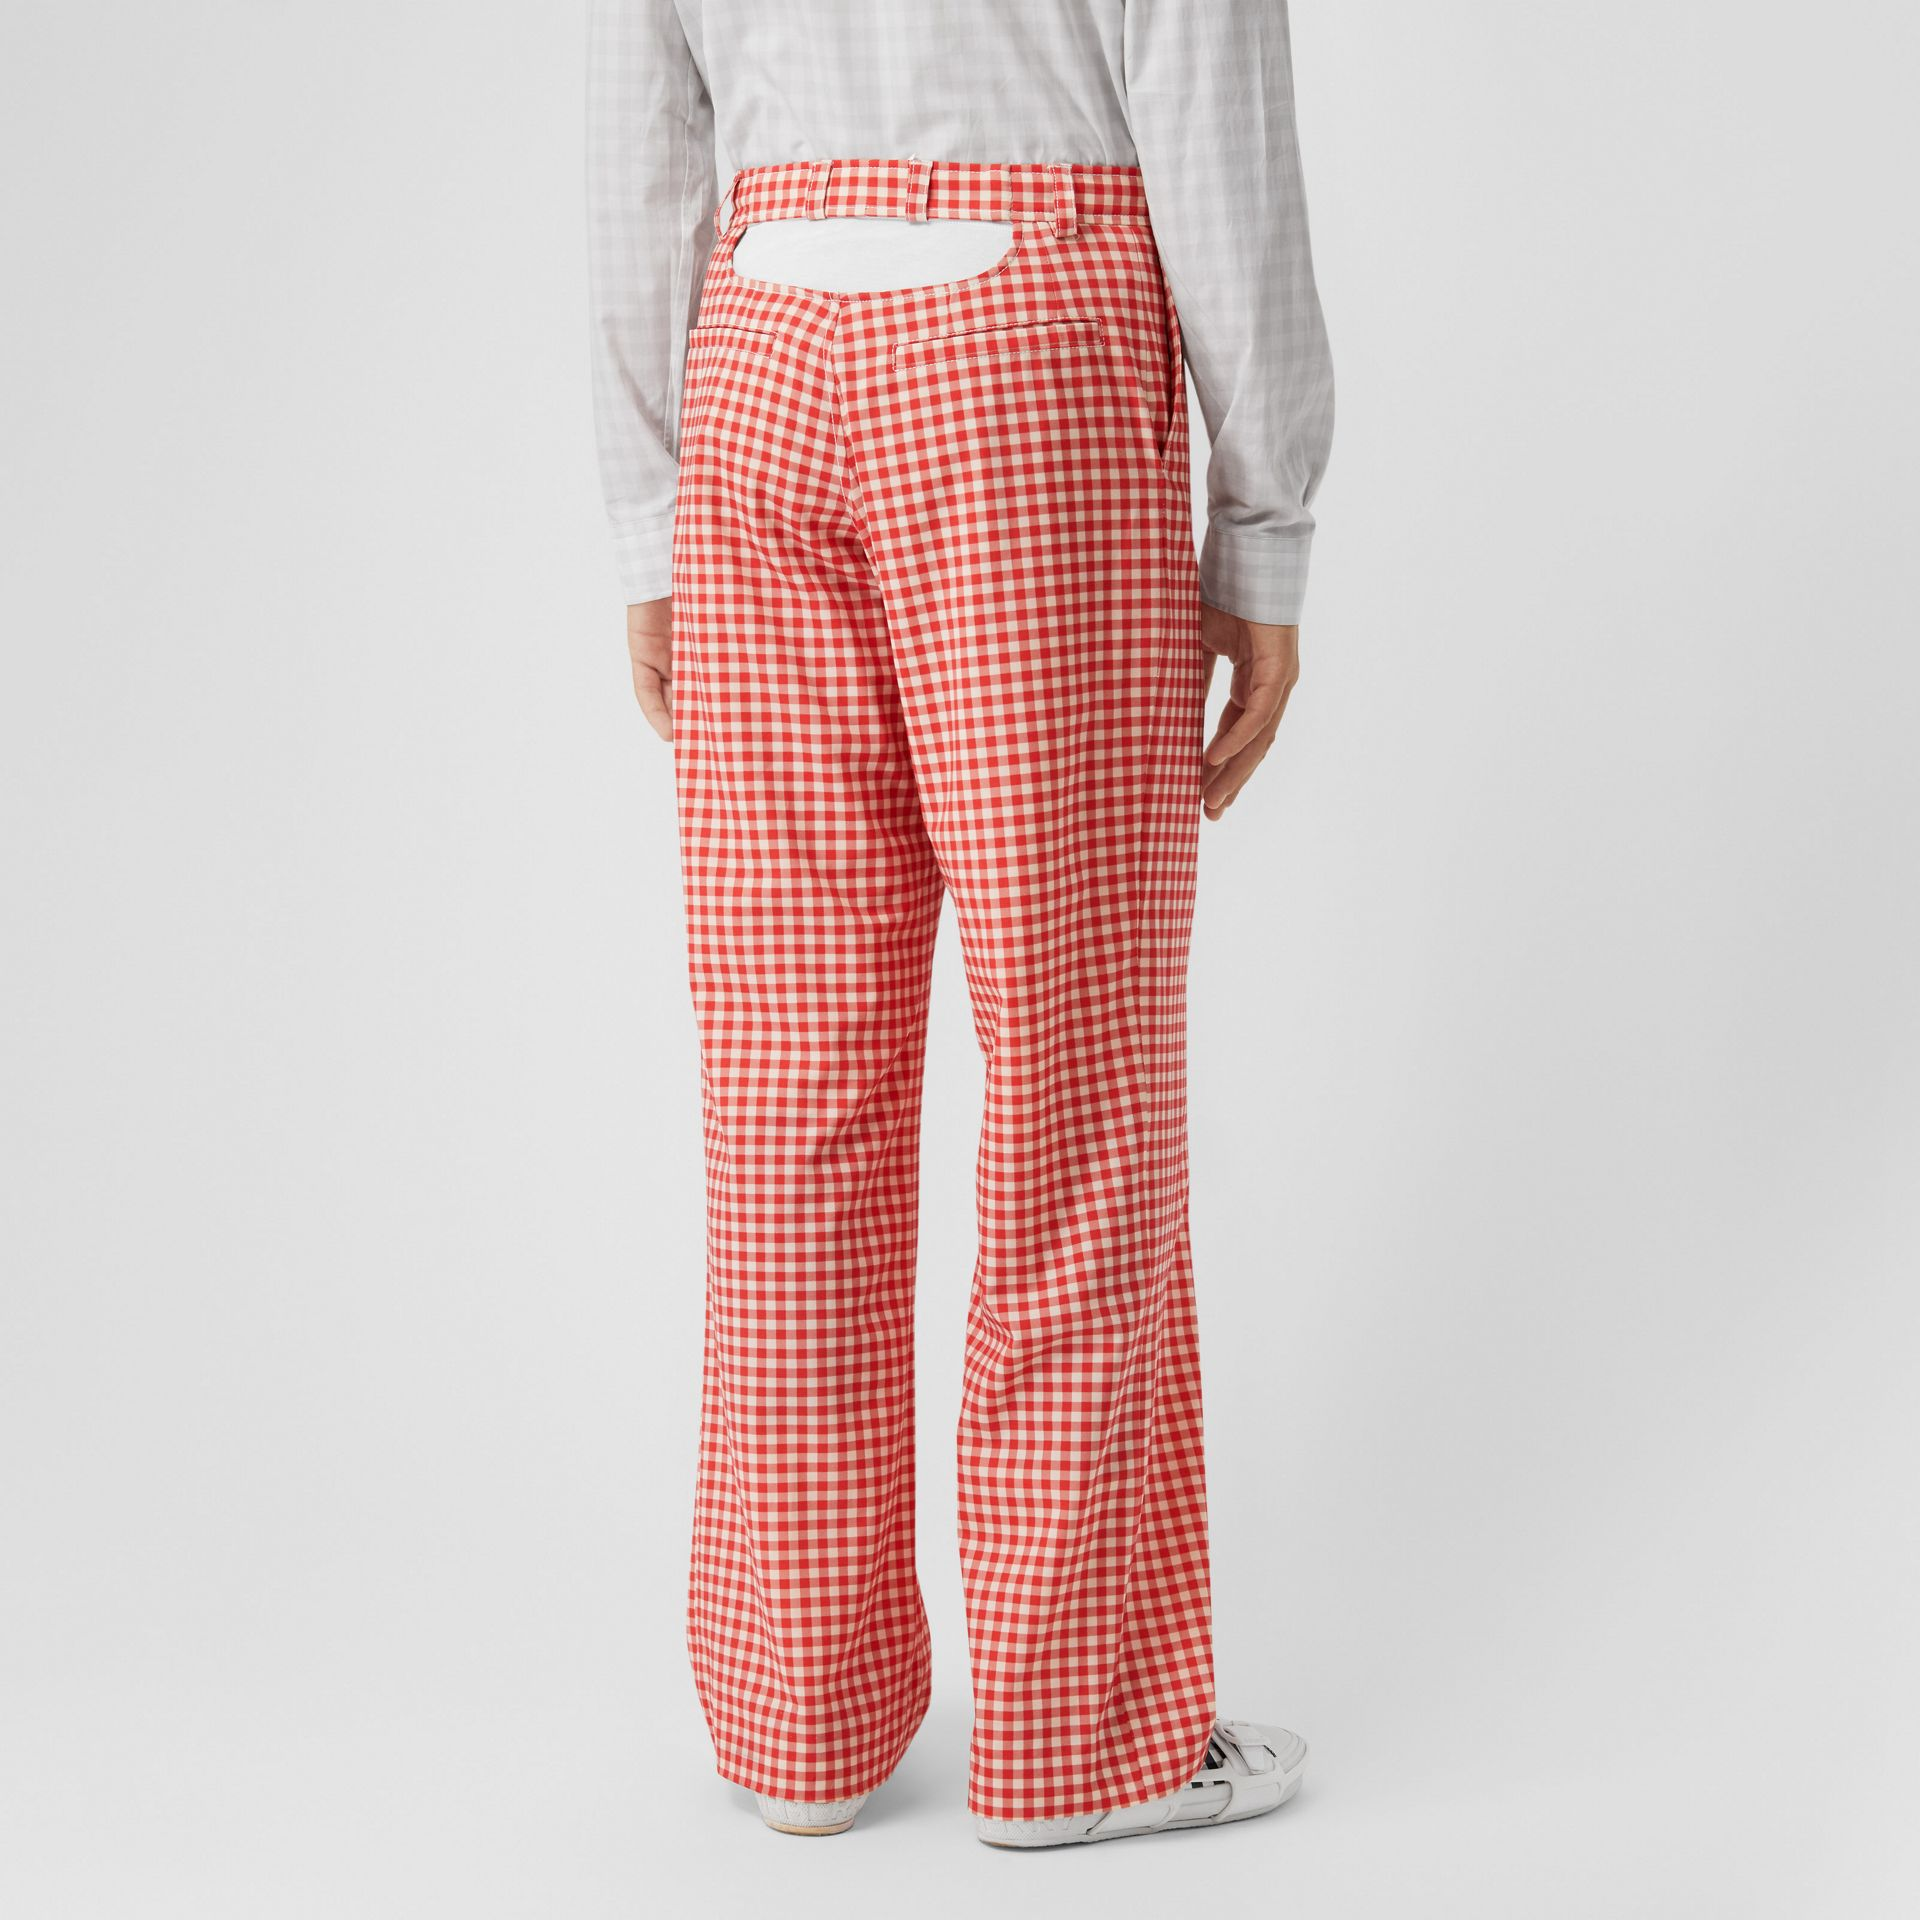 Calças de algodão stretch com estampa xadrez Gingham e recorte traseiro vazado (Vermelho) | Burberry - galeria de imagens 4